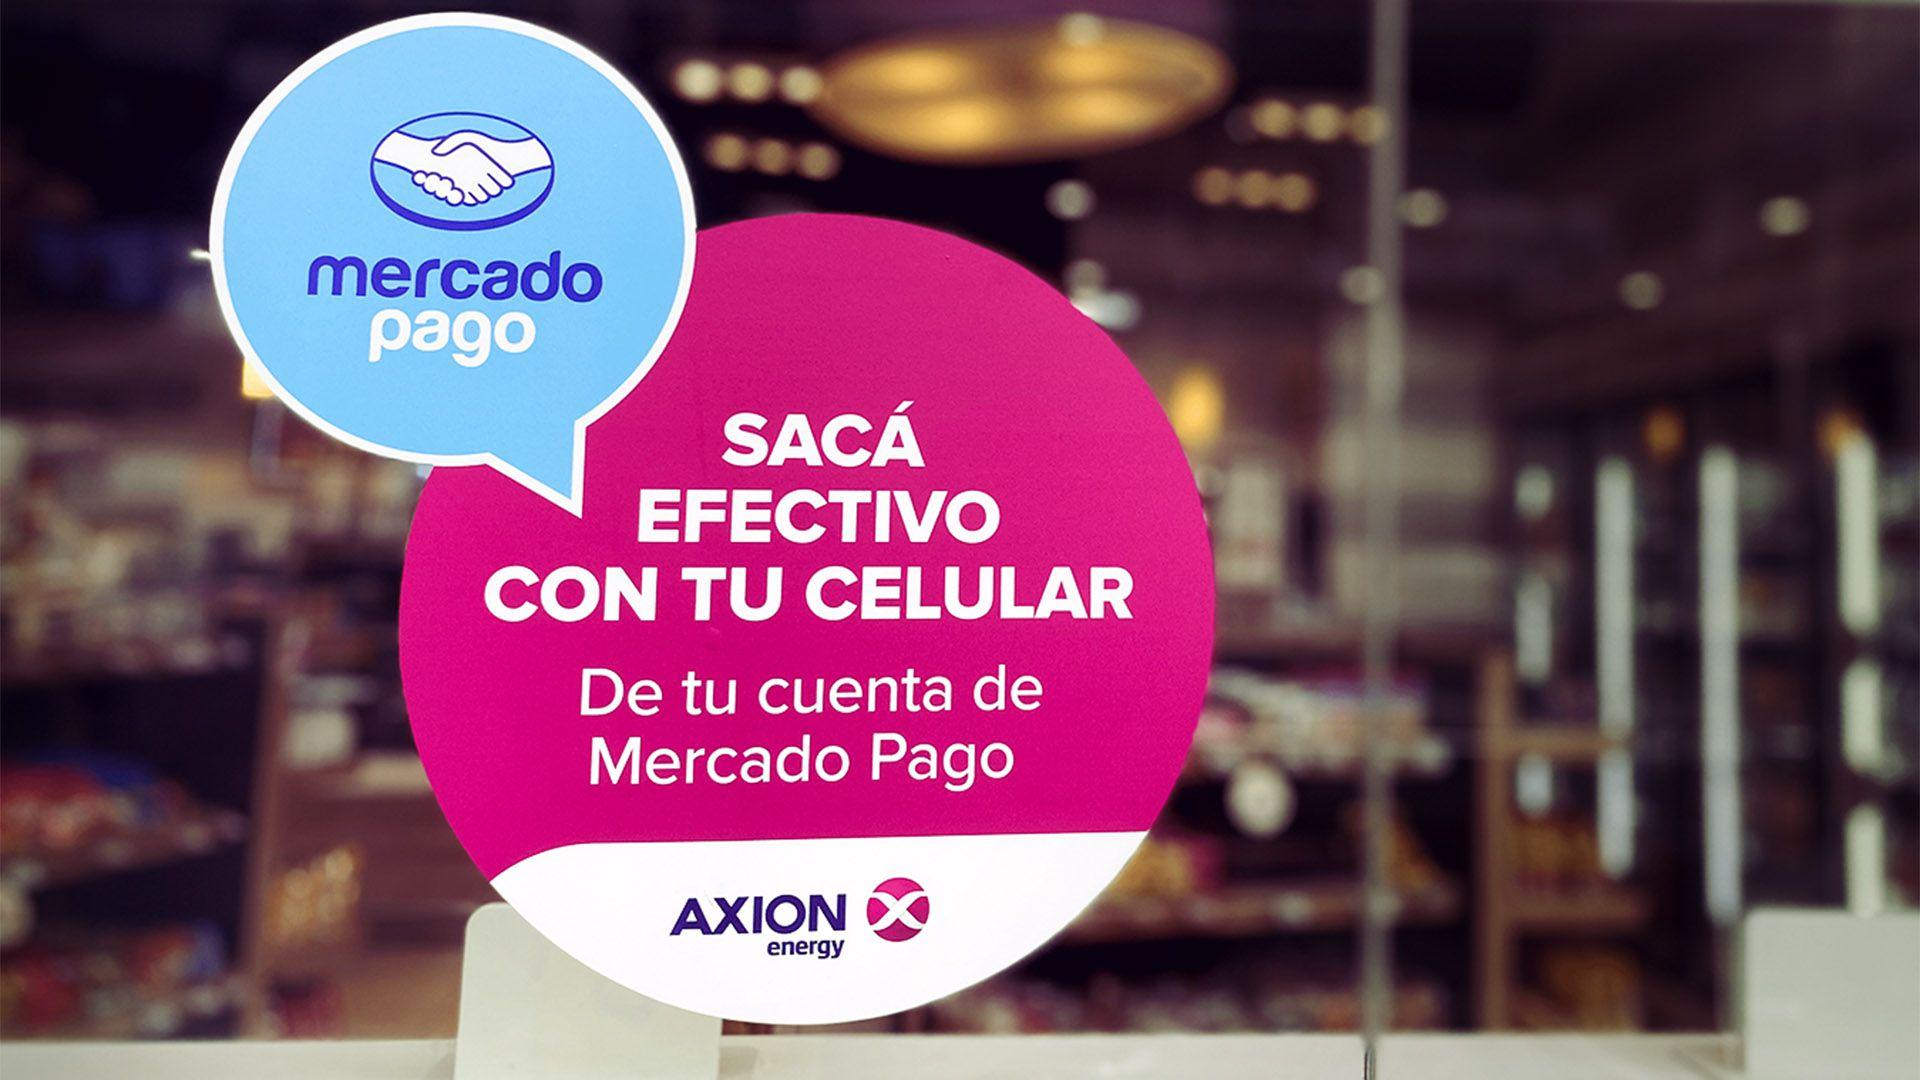 Mercado Pago - Axion Retiro de efectivo